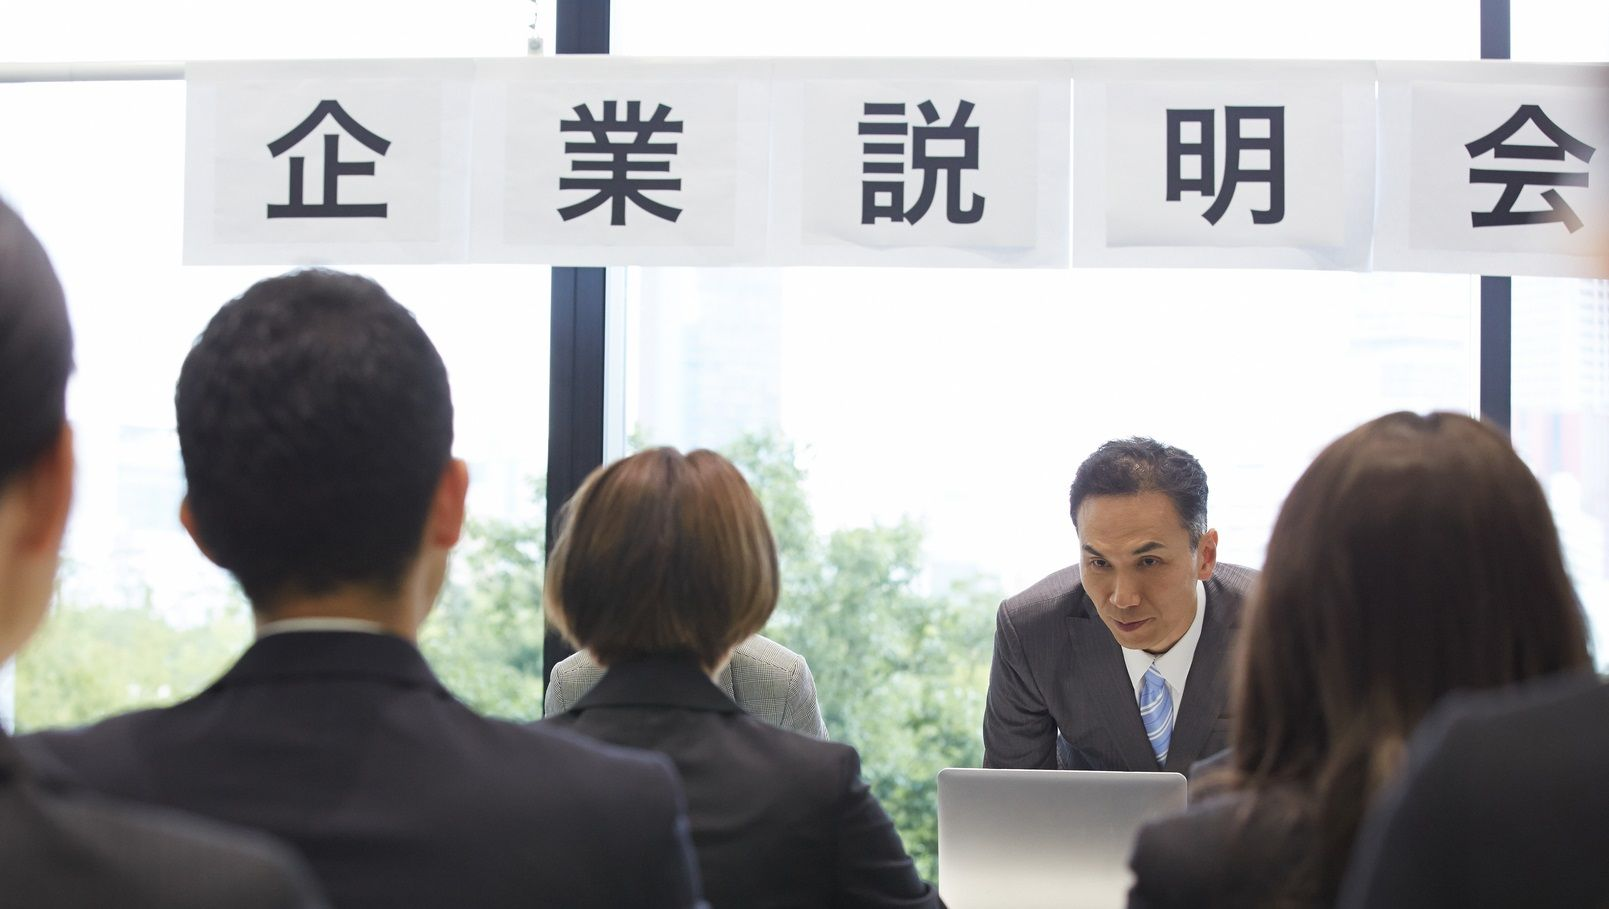 就活で「青田買い」を解禁せざるを得ない事情 | 就職・転職 ...